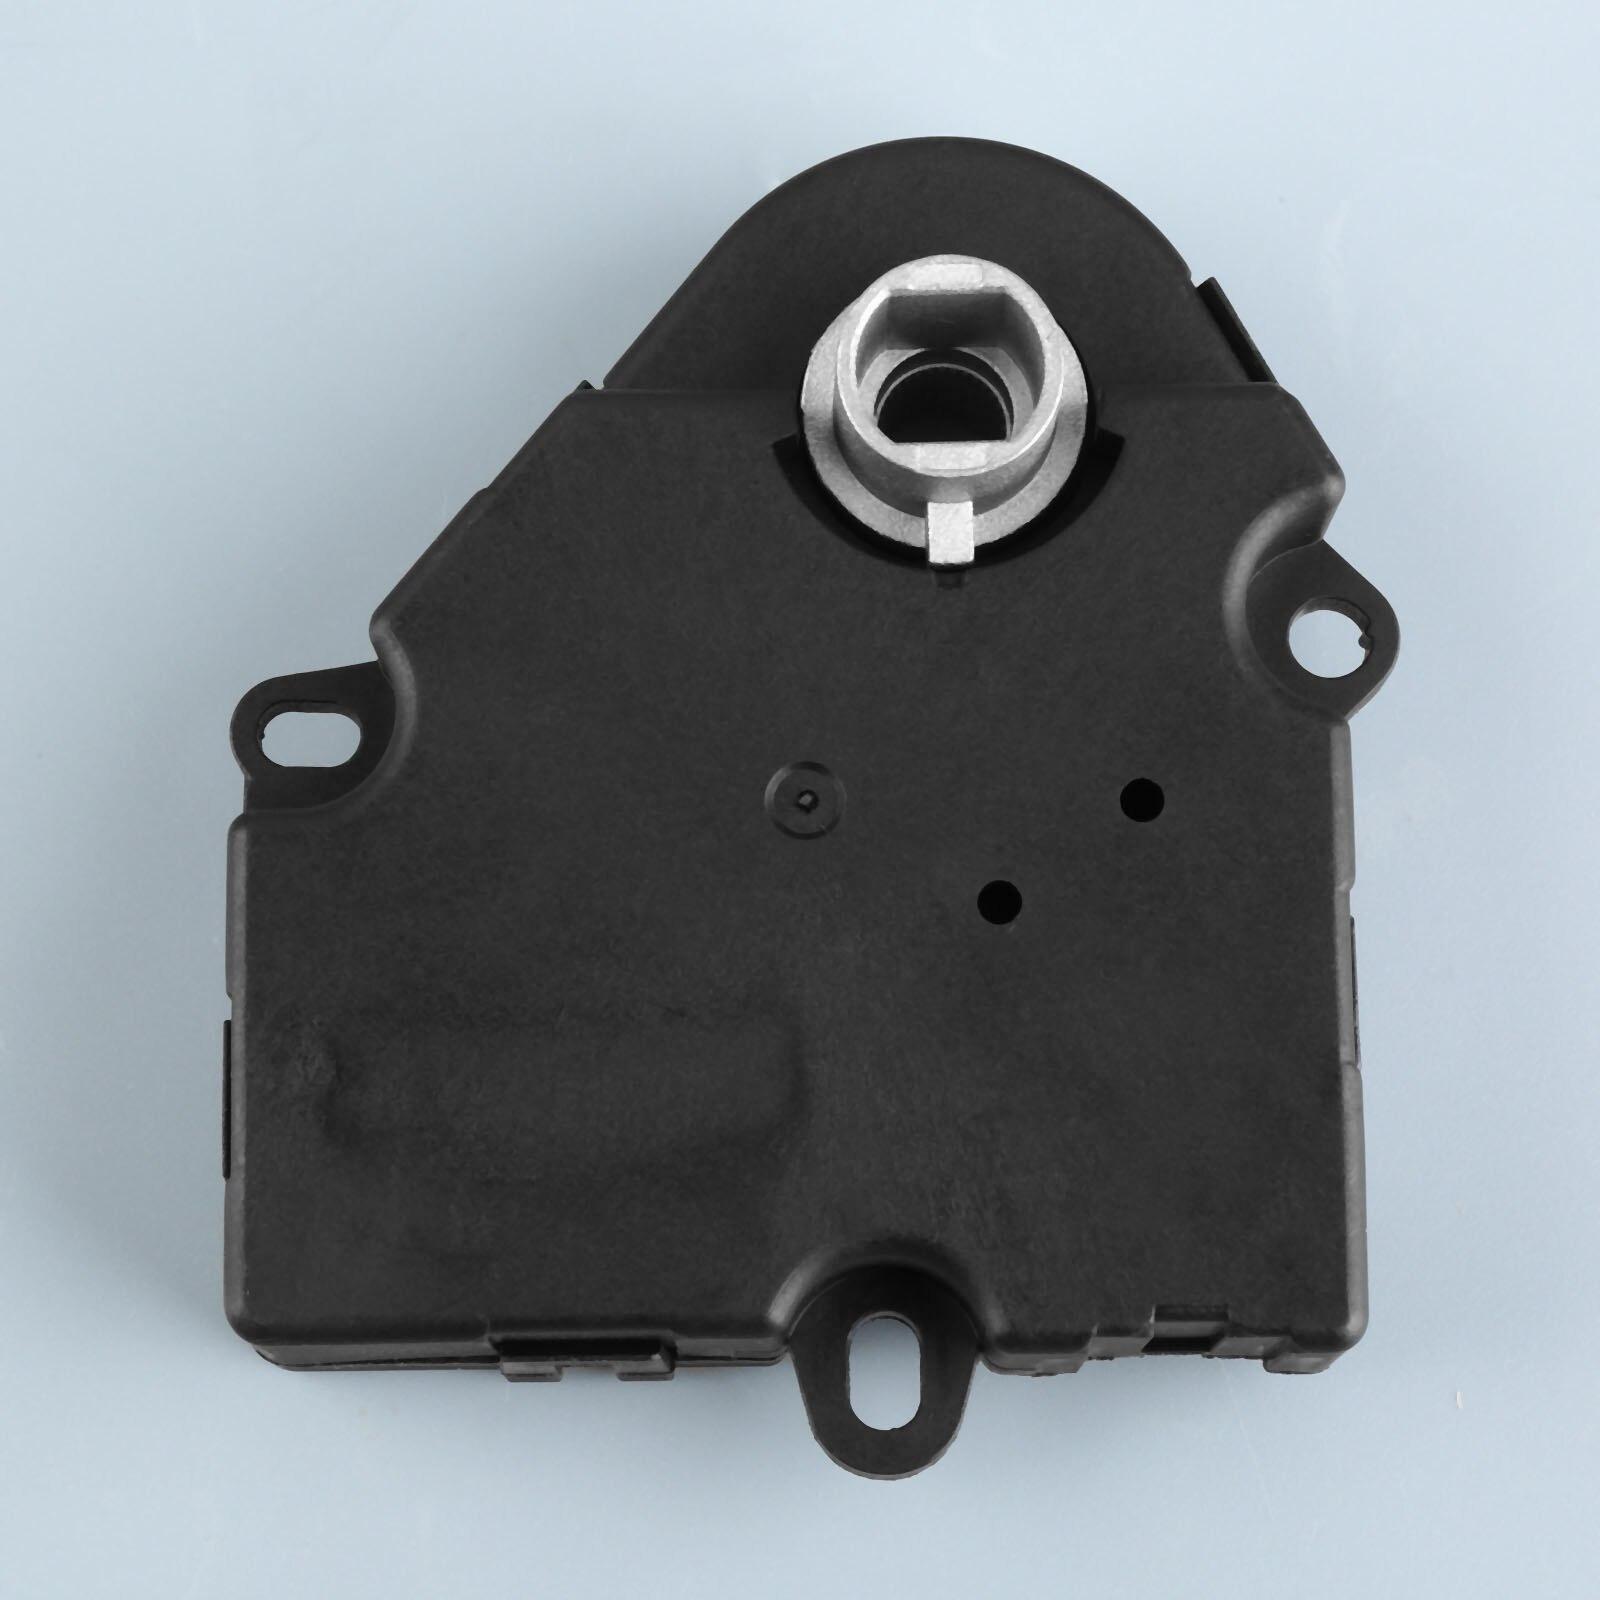 Image 5 - 15920864 HVAC нагреватель смесь воздуха дверной привод 604 141 для Buick Enclave GMC Acadia Saturn Outlook-in Детали для обогревателя from Автомобили и мотоциклы